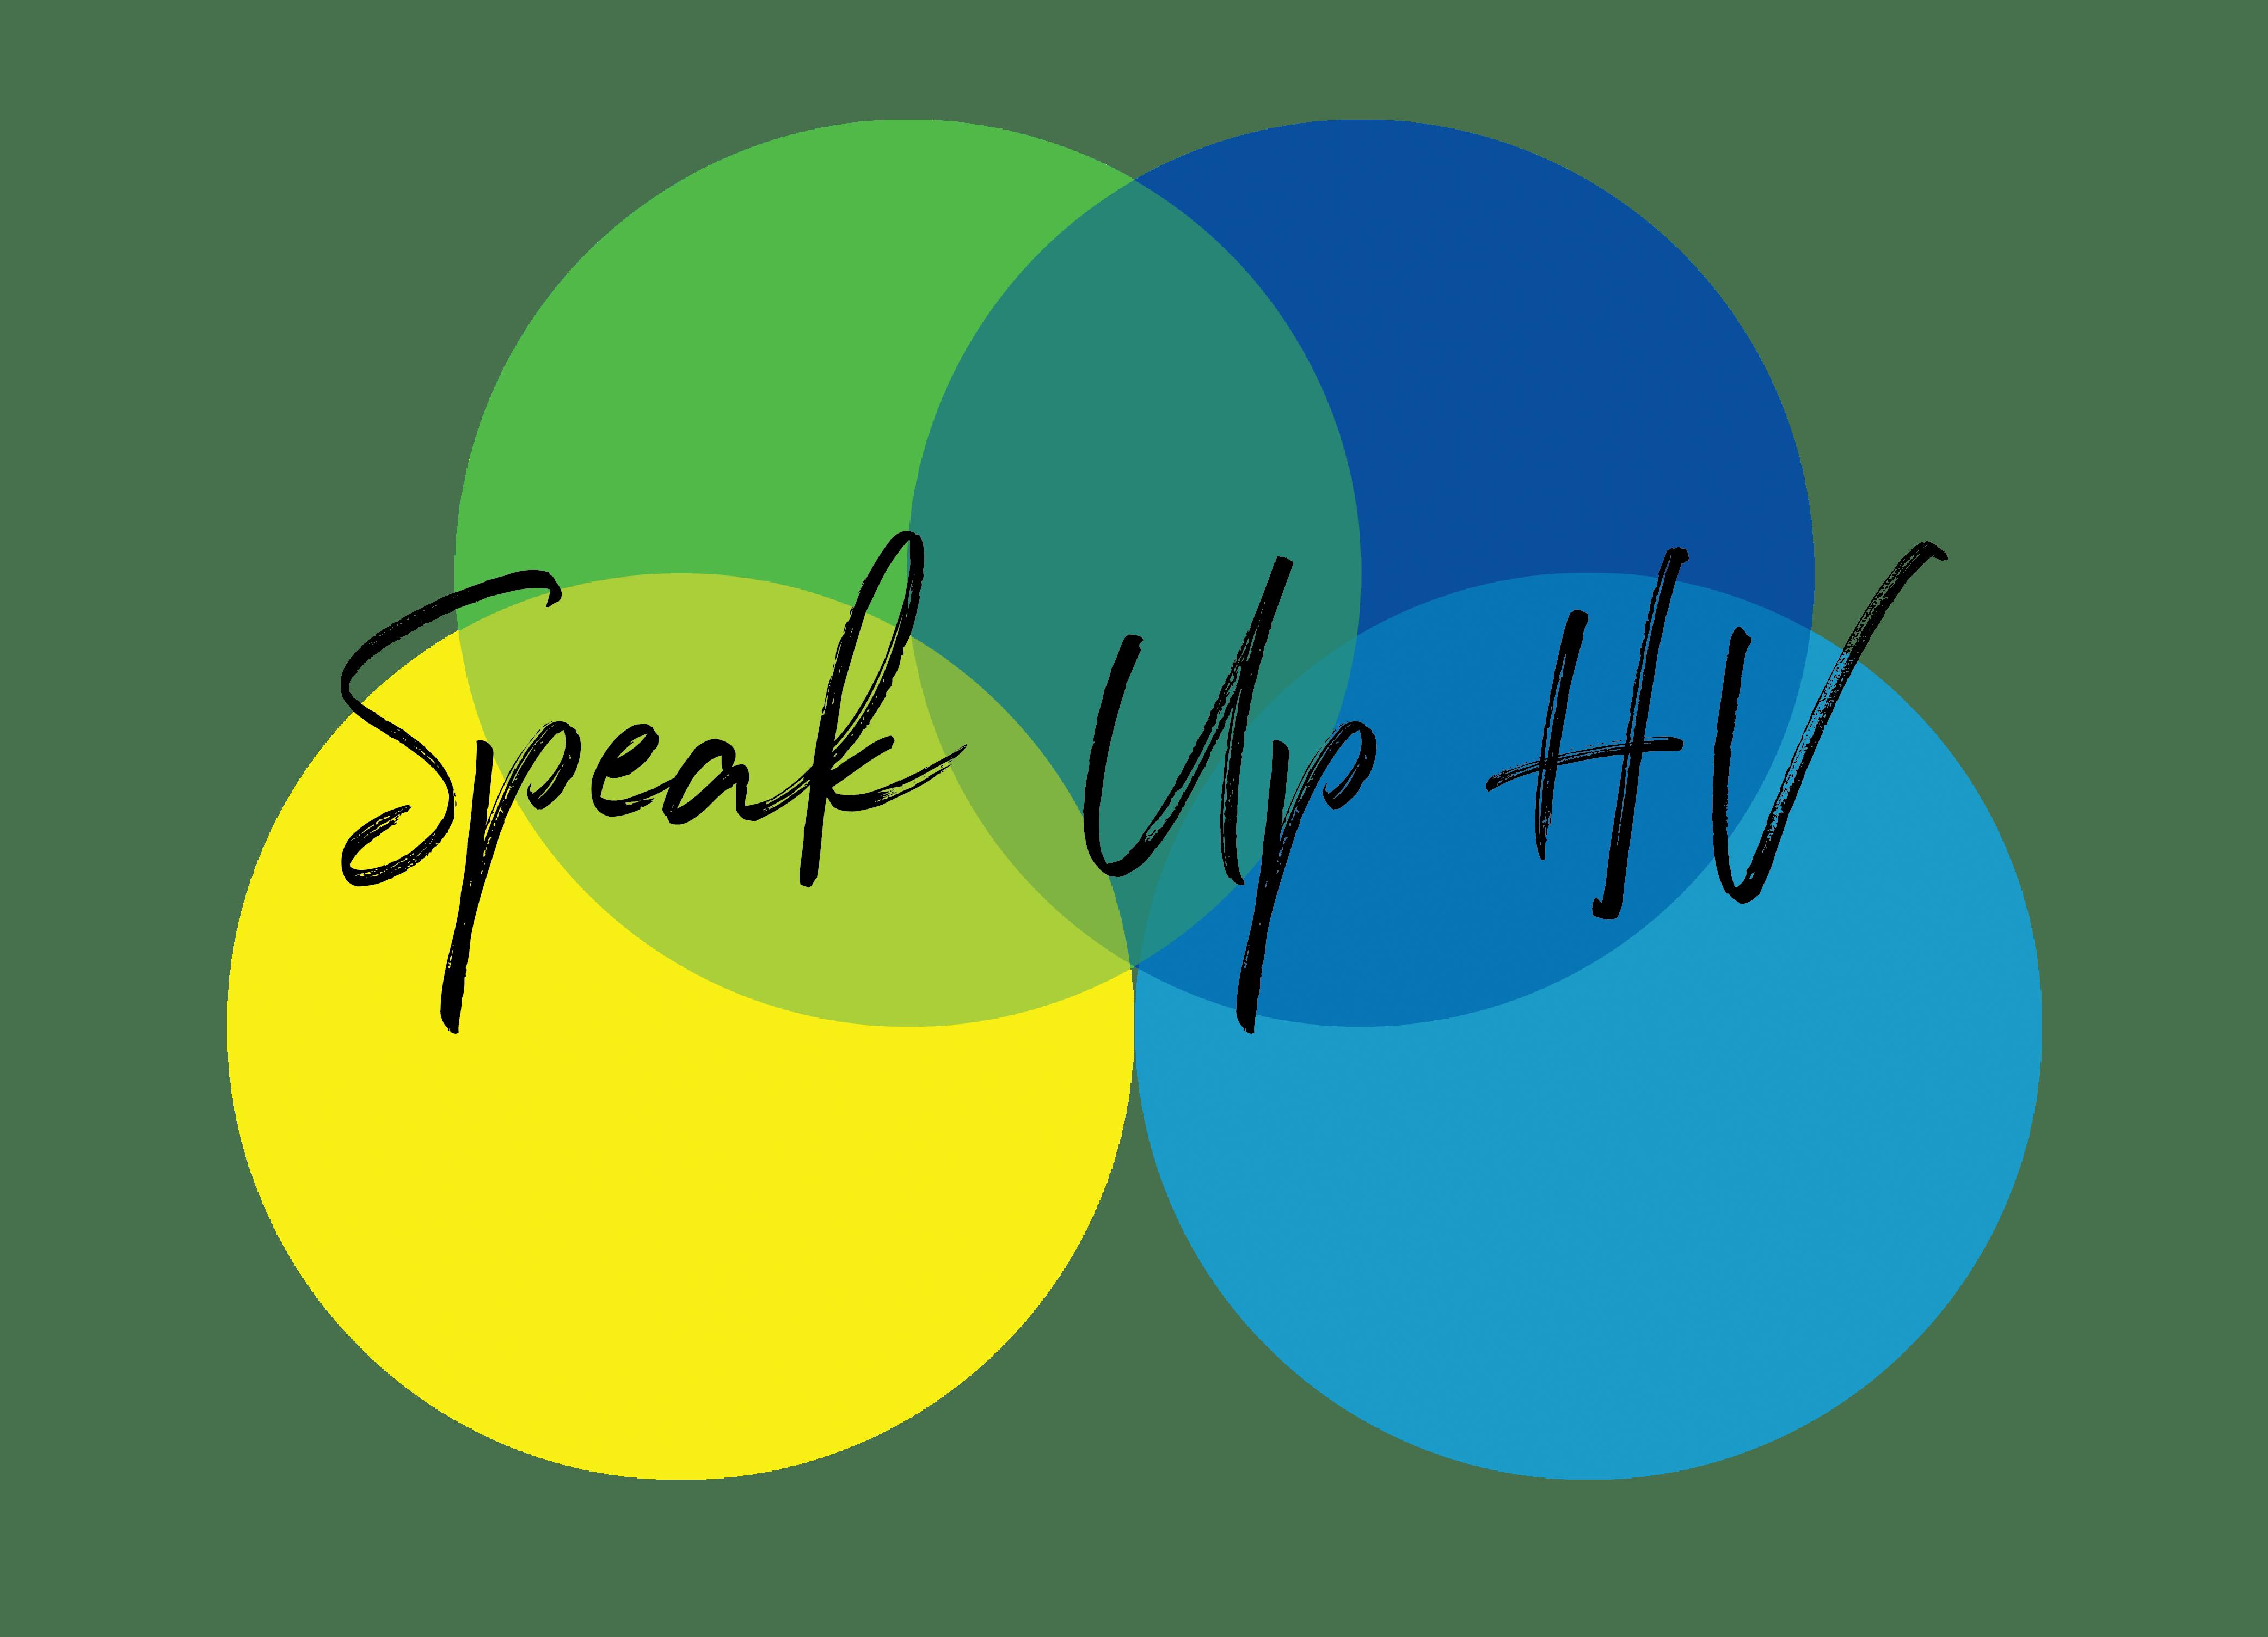 Speak Up Highland Village